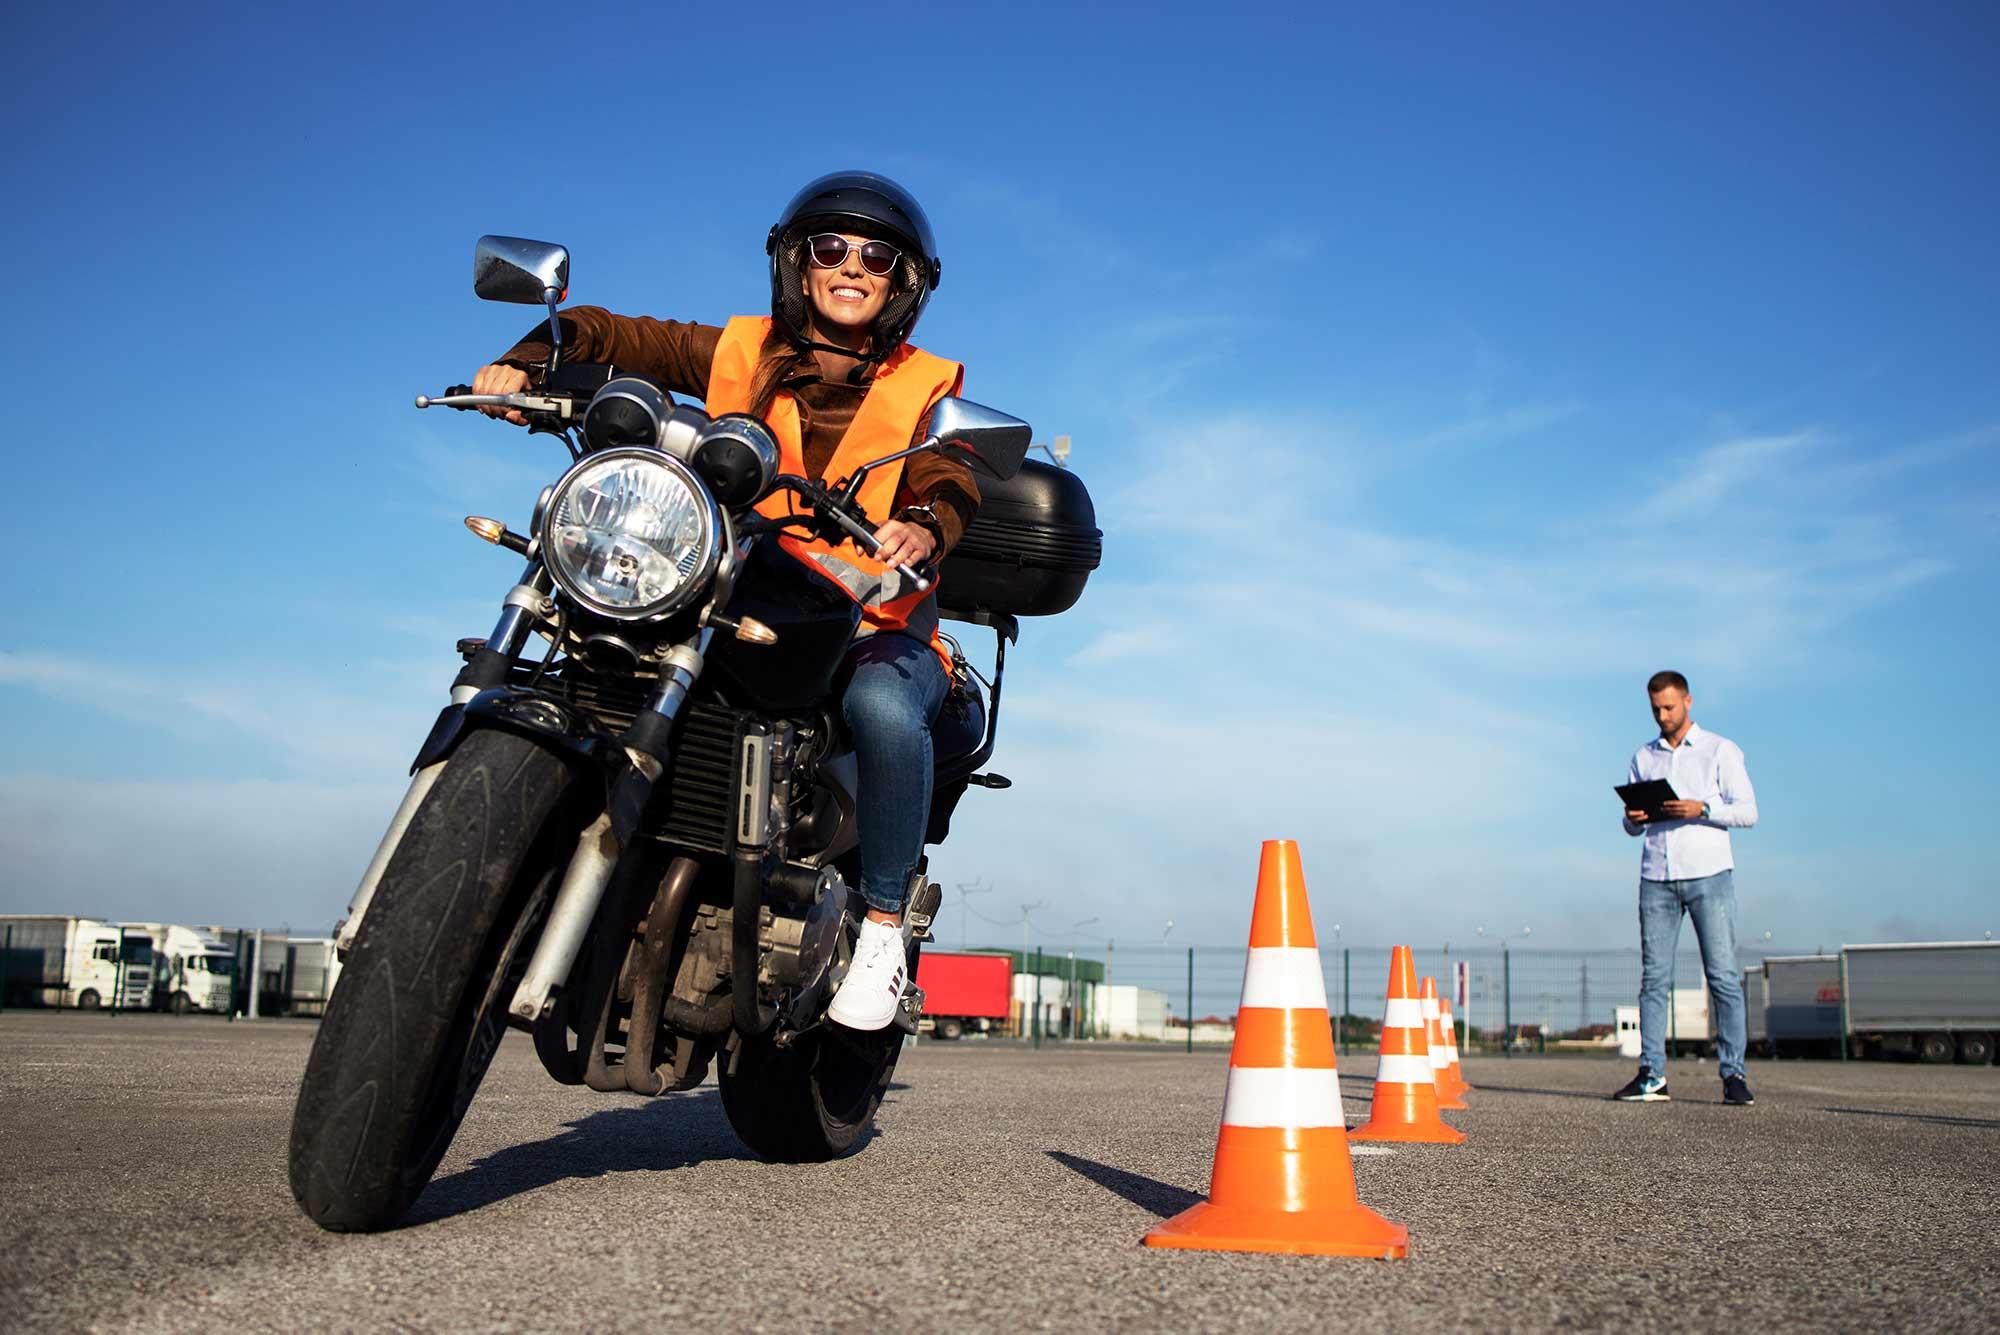 Tipos de carnet de moto: ¿cuáles puedo conducir según el carnet?